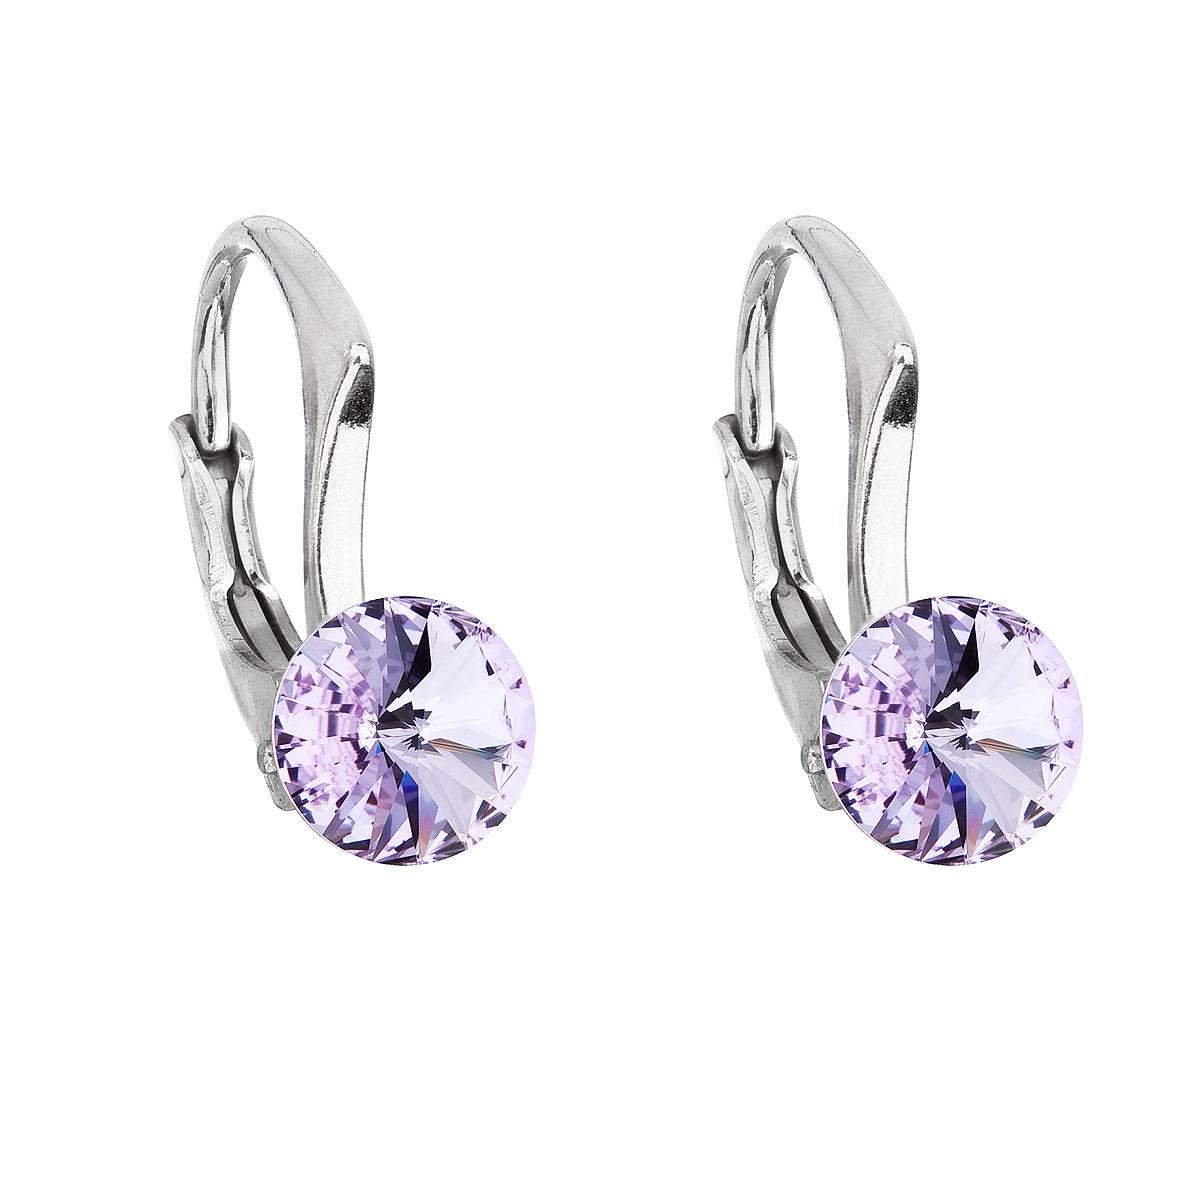 Strieborné náušnice visiace s krištálmi Swarovski fialové okrúhle 31230.3 violet